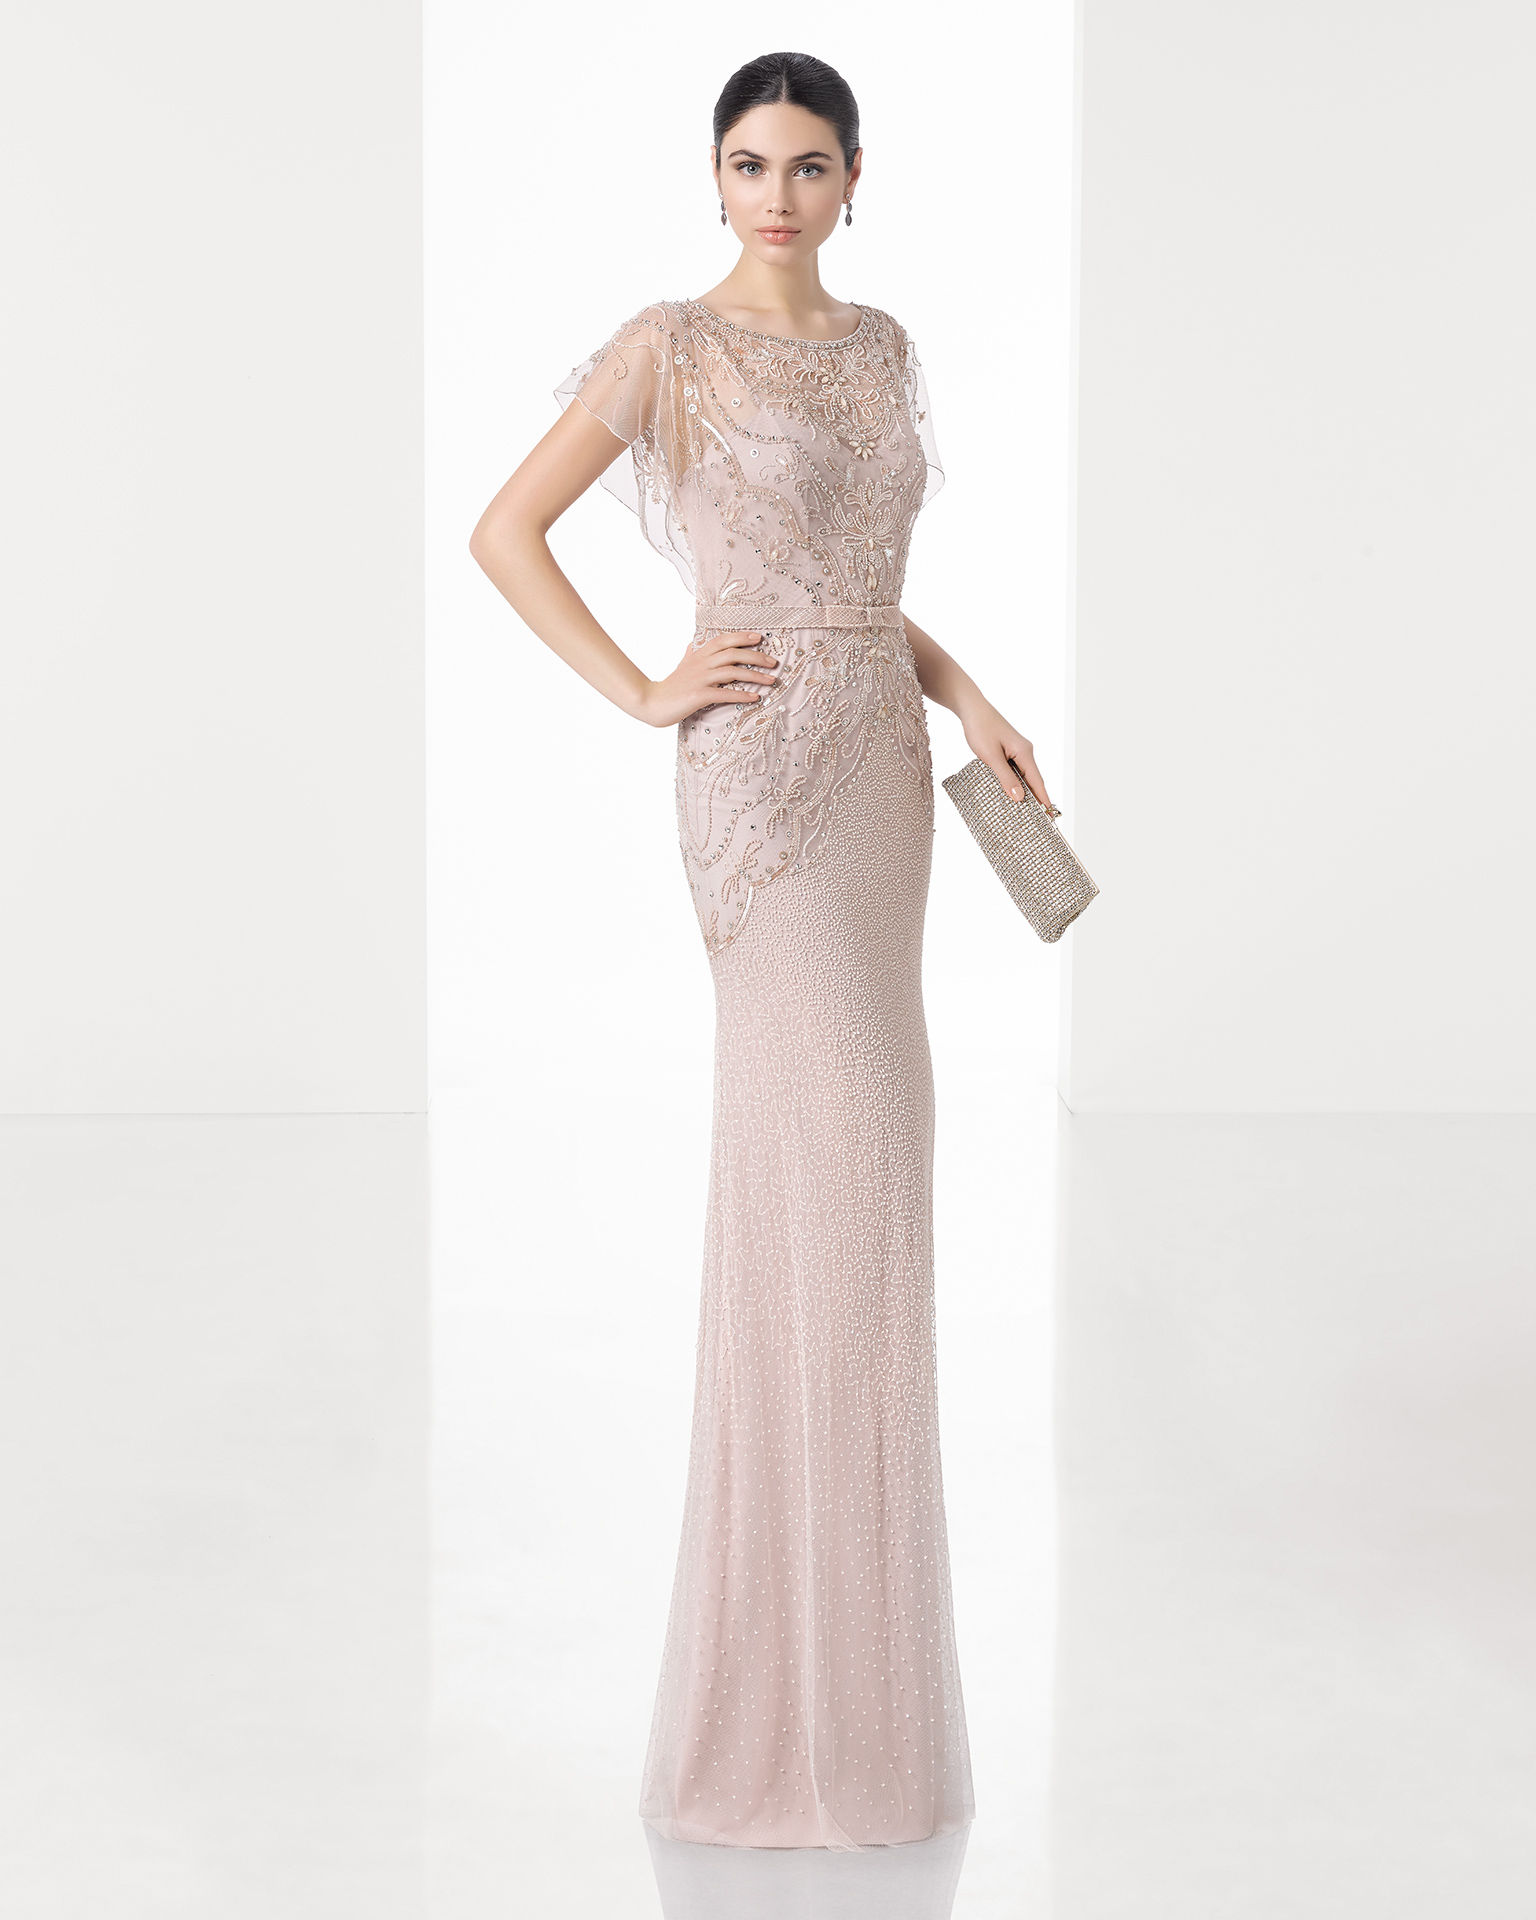 ... para que cada mujer encuentre el vestido que mejor se adapta a su  figura y personalidad. ¿Qué diseño de todos los que hay te gusta más  f4087ae64726